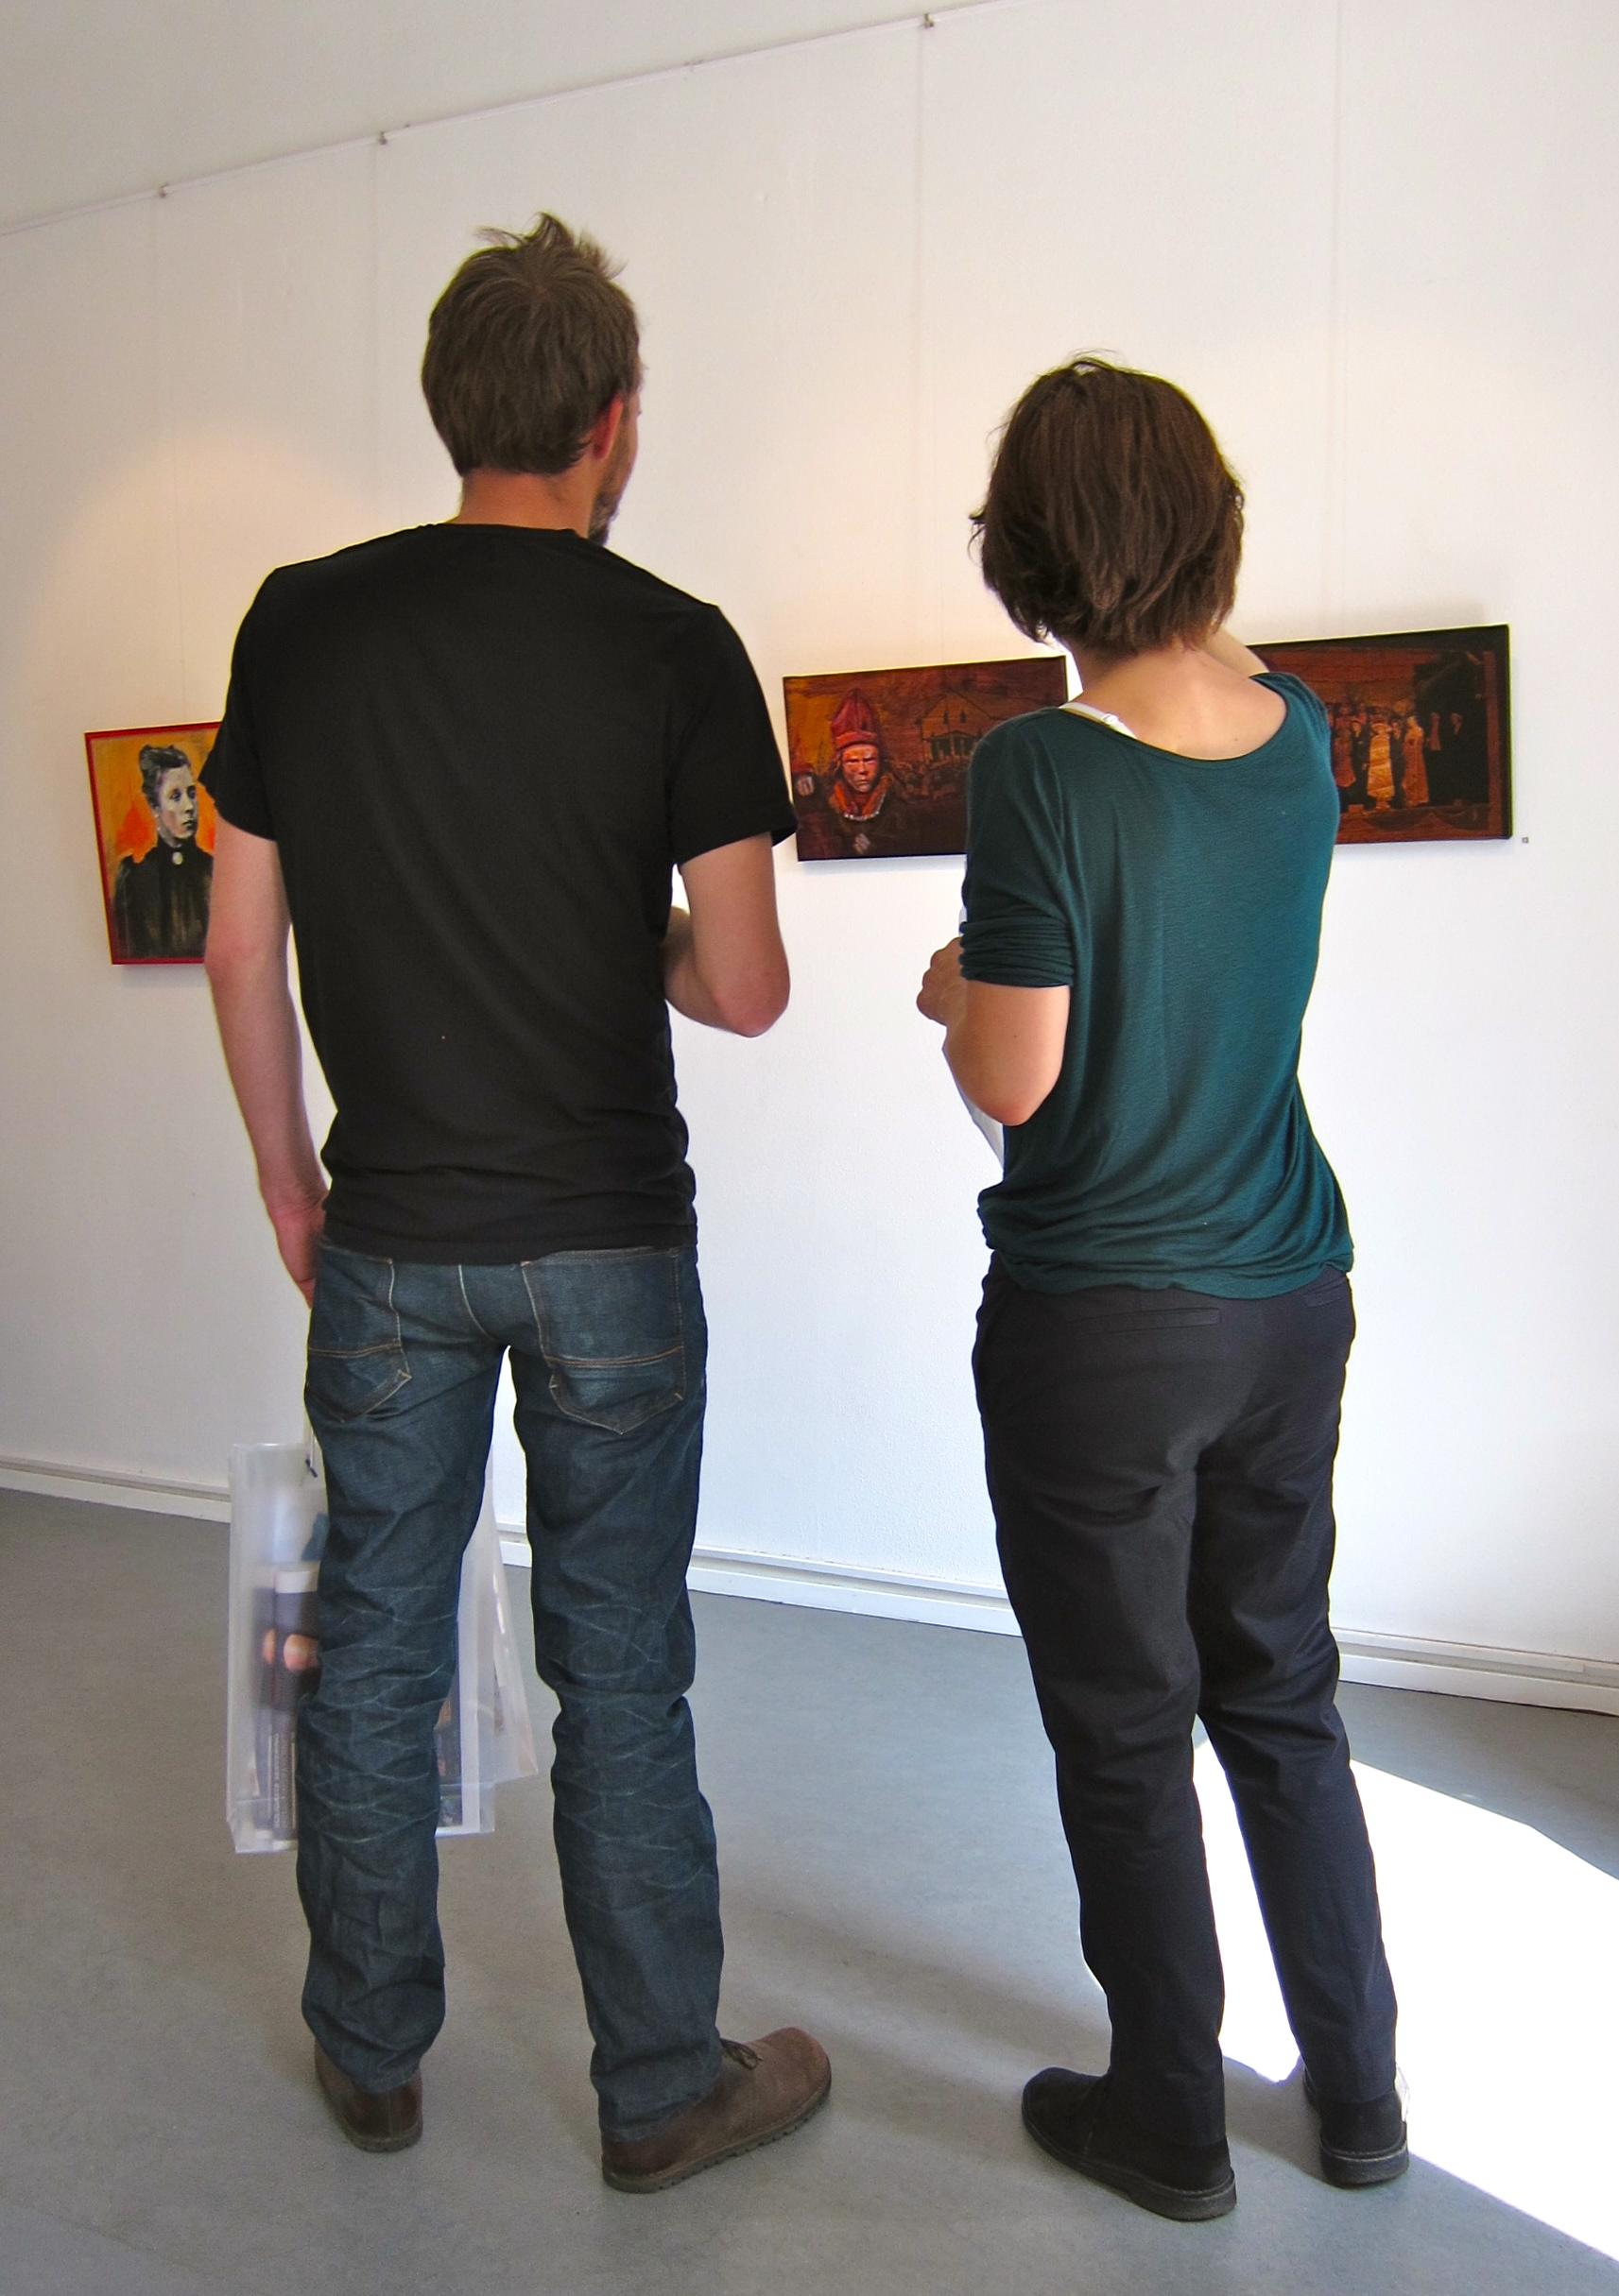 angelica markéns utställning maj 2013